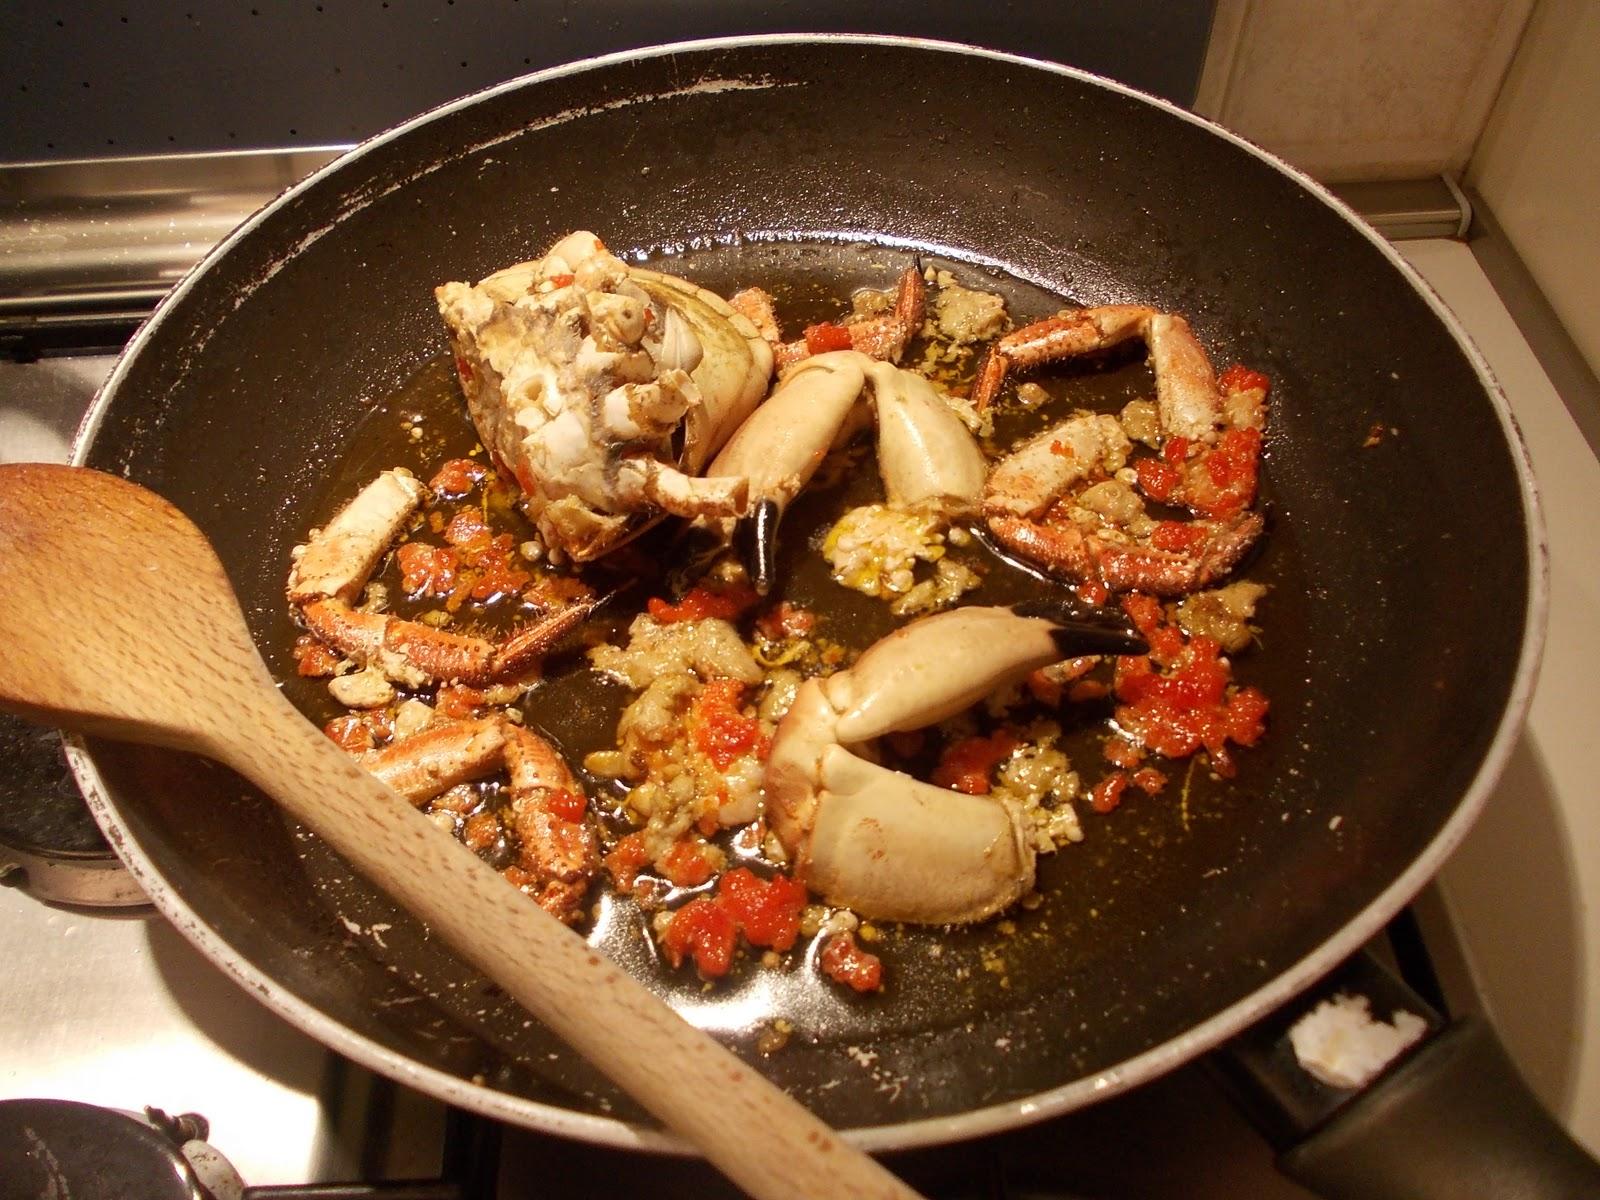 Spaghetti al granchio da la cucina di mr g su akkiapparicette for Cucinare granchio